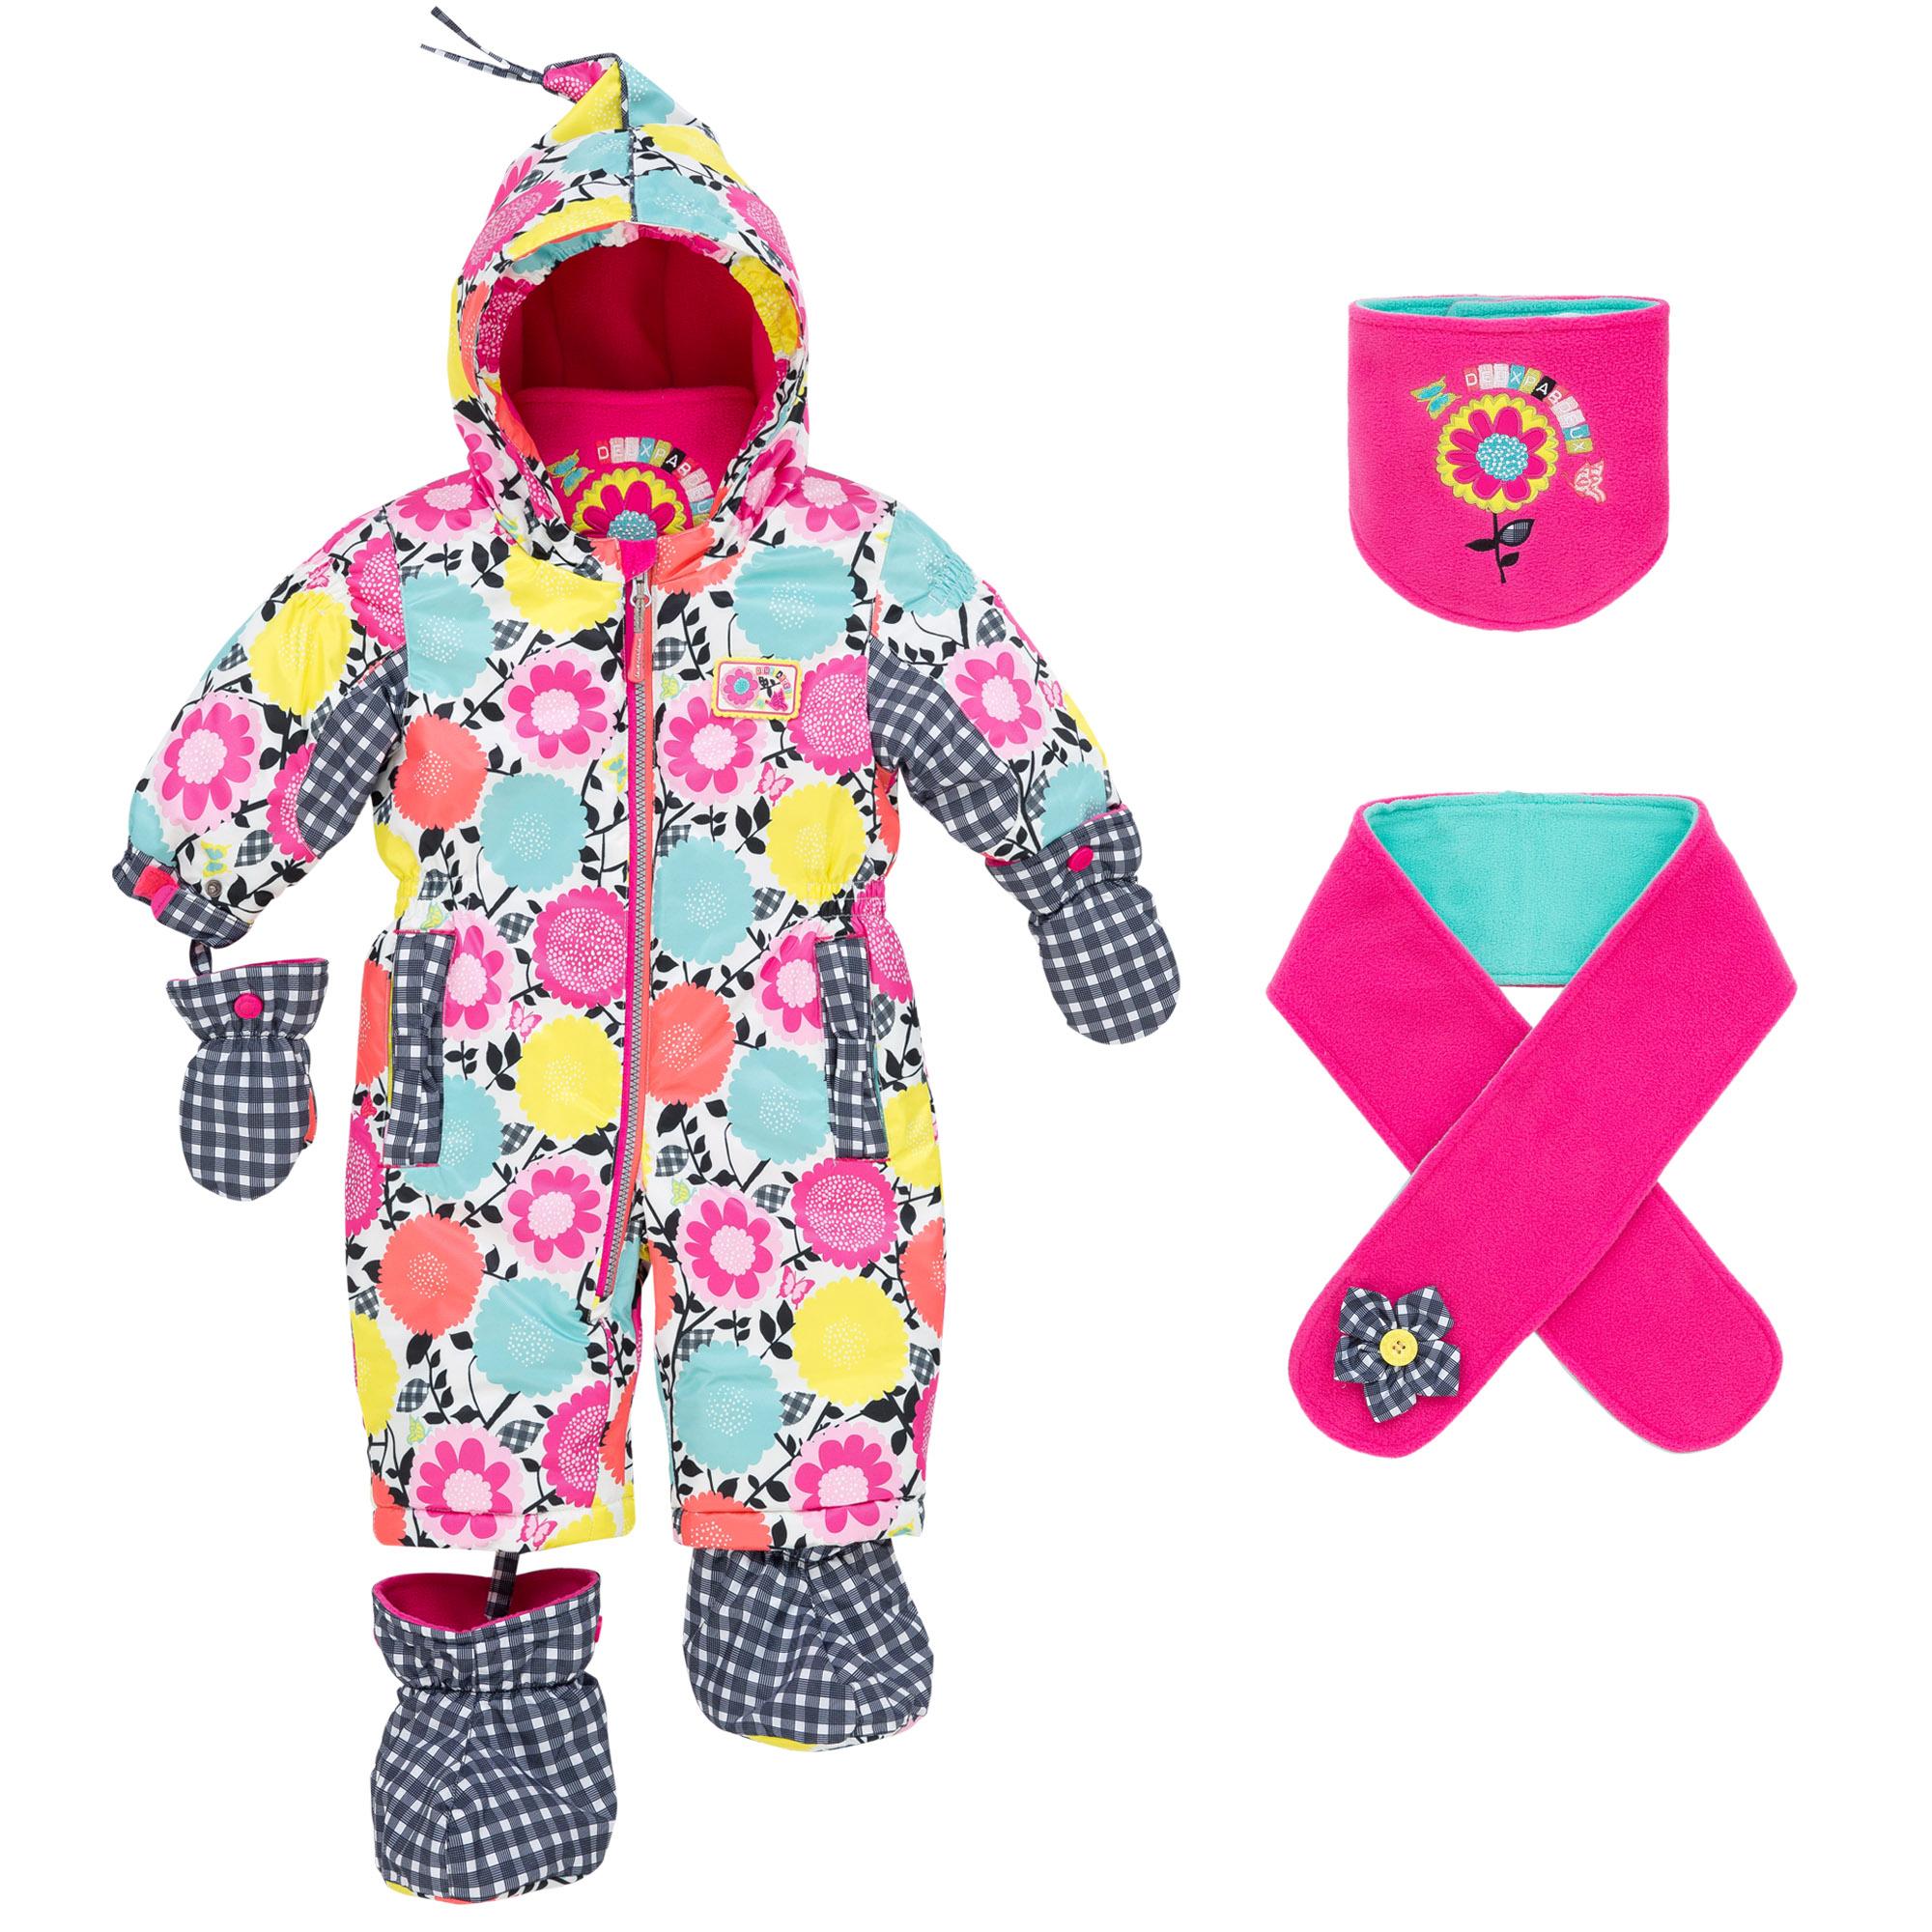 интернет детской одежды пренатал